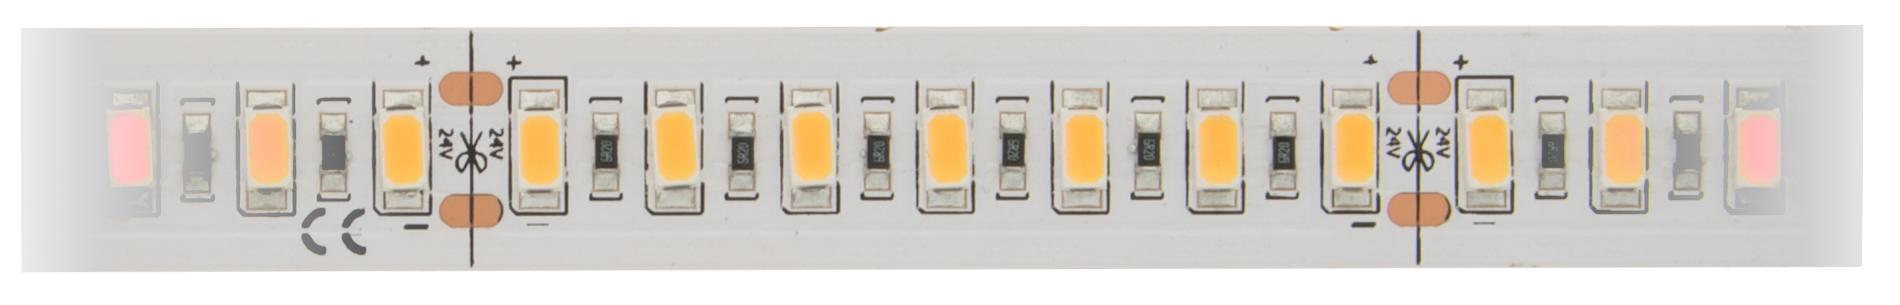 1 Stk FS 160, NW, Ra=90+, 37,0W/m, 3670lm/m, 24VDC, IP20, l=5m LIFS019003